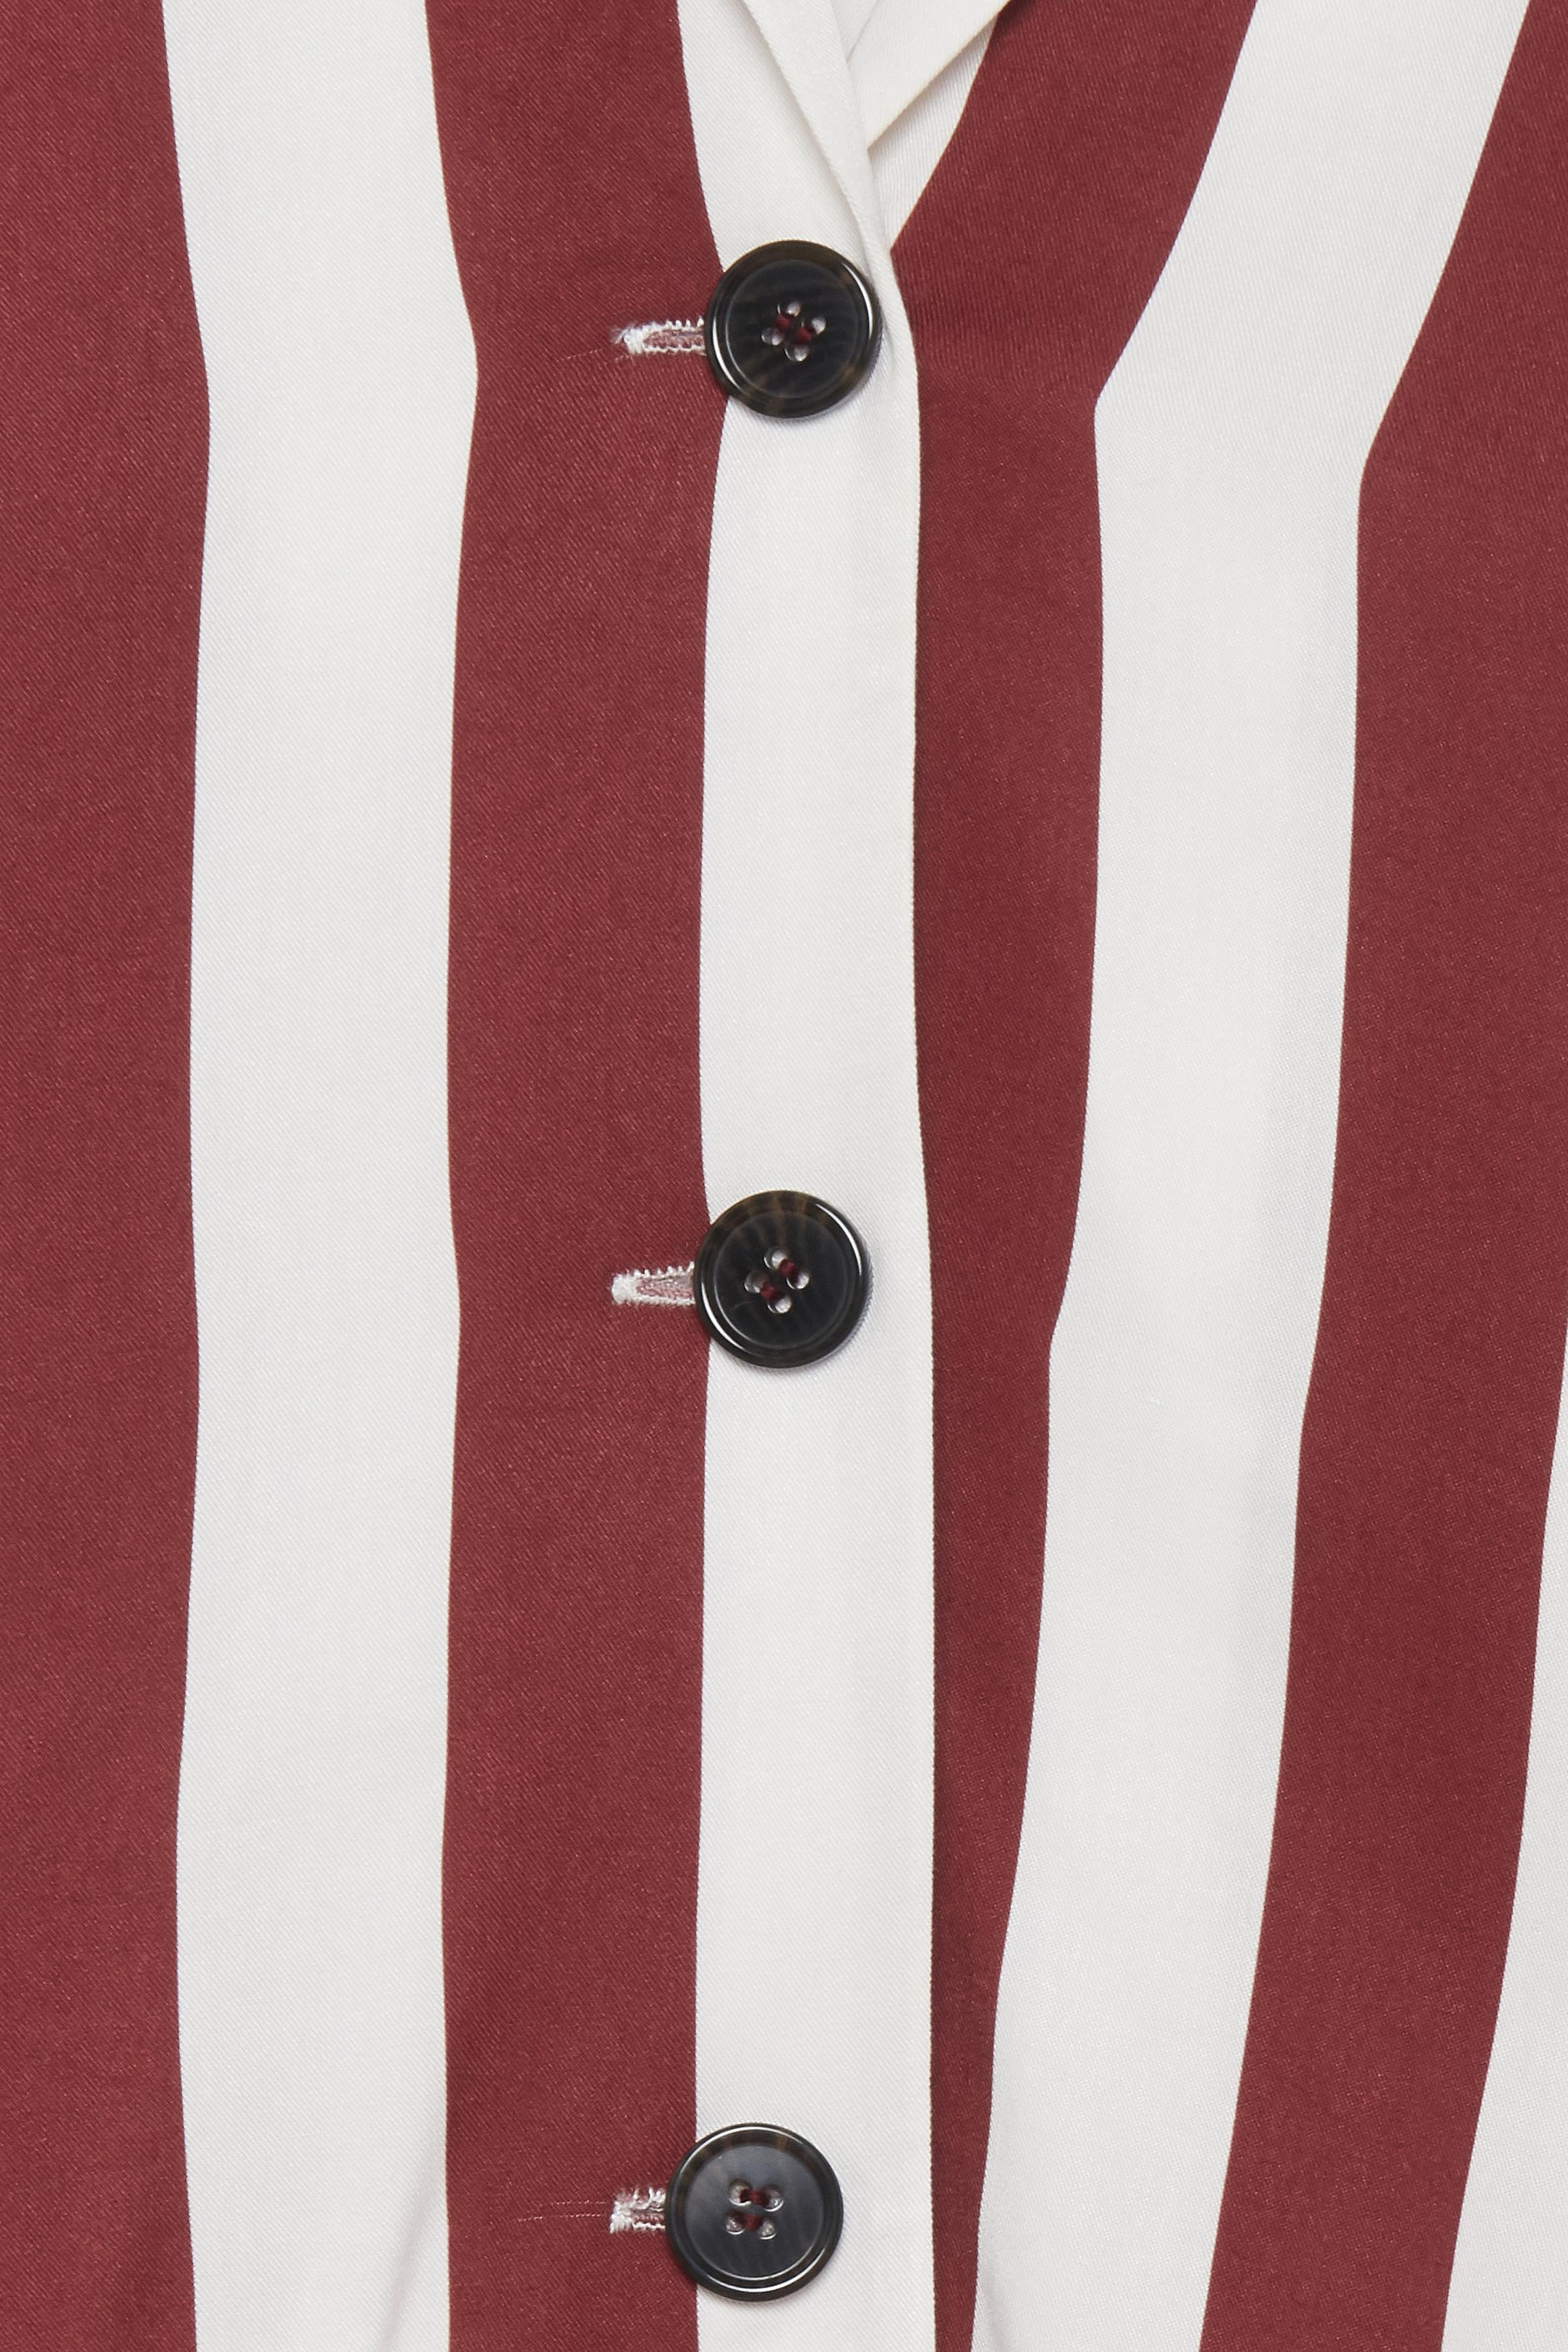 Apple Butter Langærmet bluse – Køb Apple Butter Langærmet bluse fra str. 34-42 her